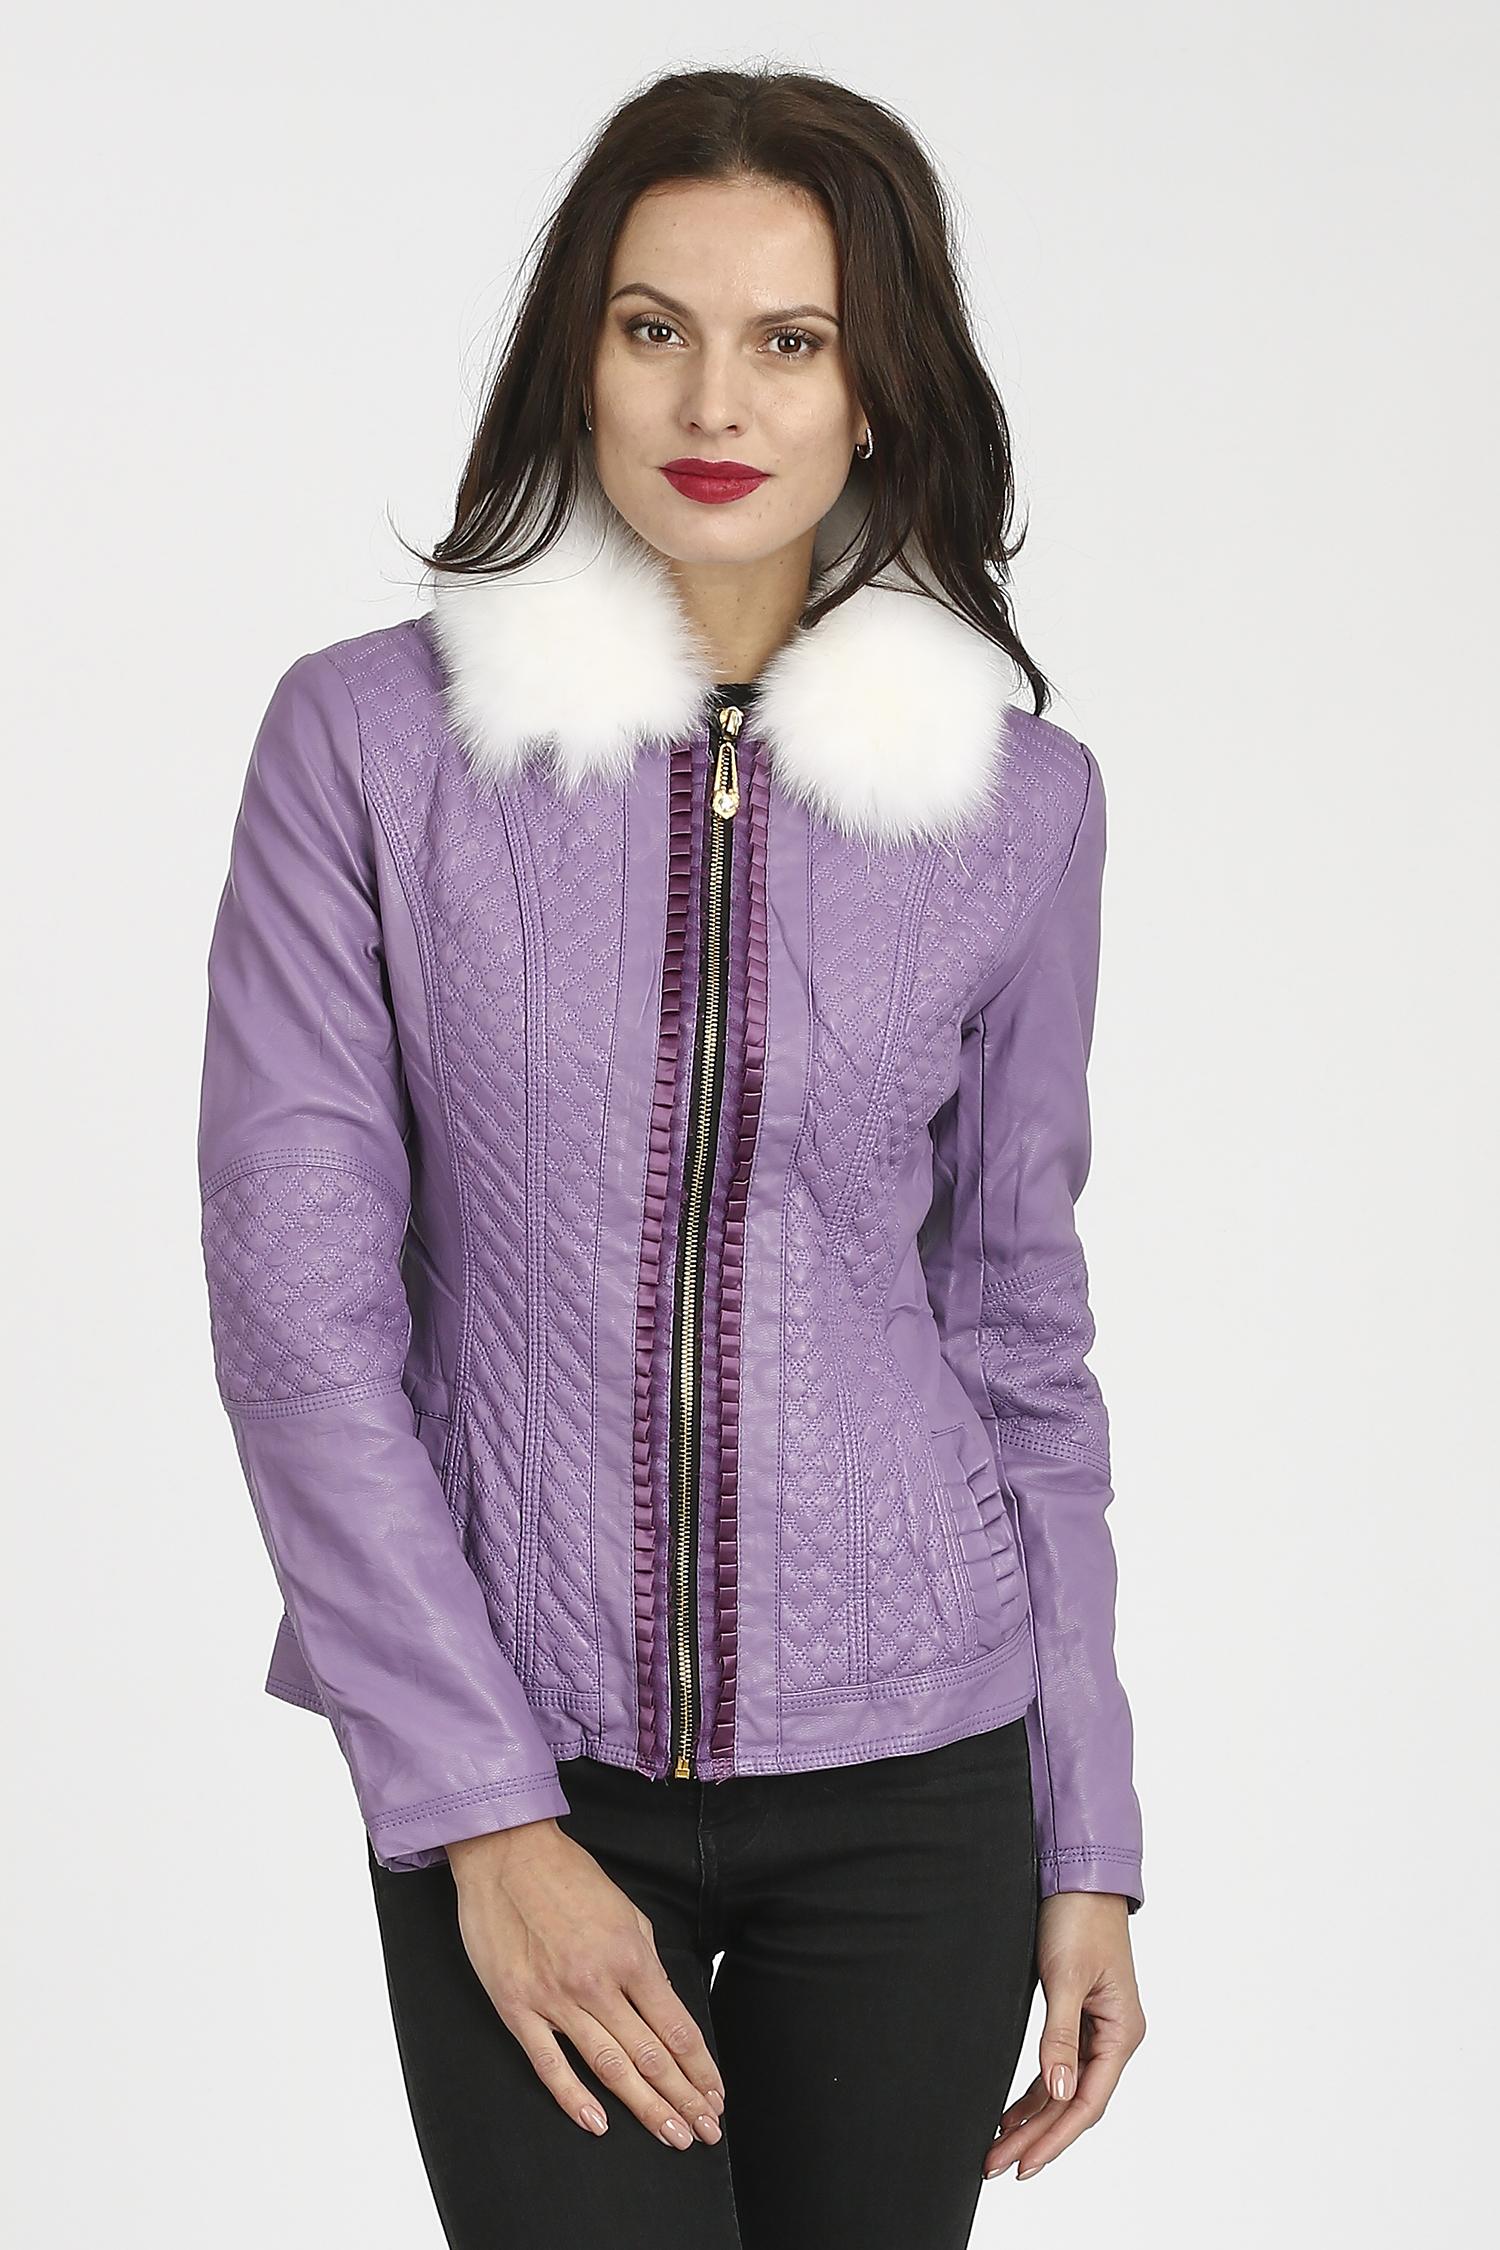 Женская кожаная куртка из эко-кожи с воротником, отделка песец